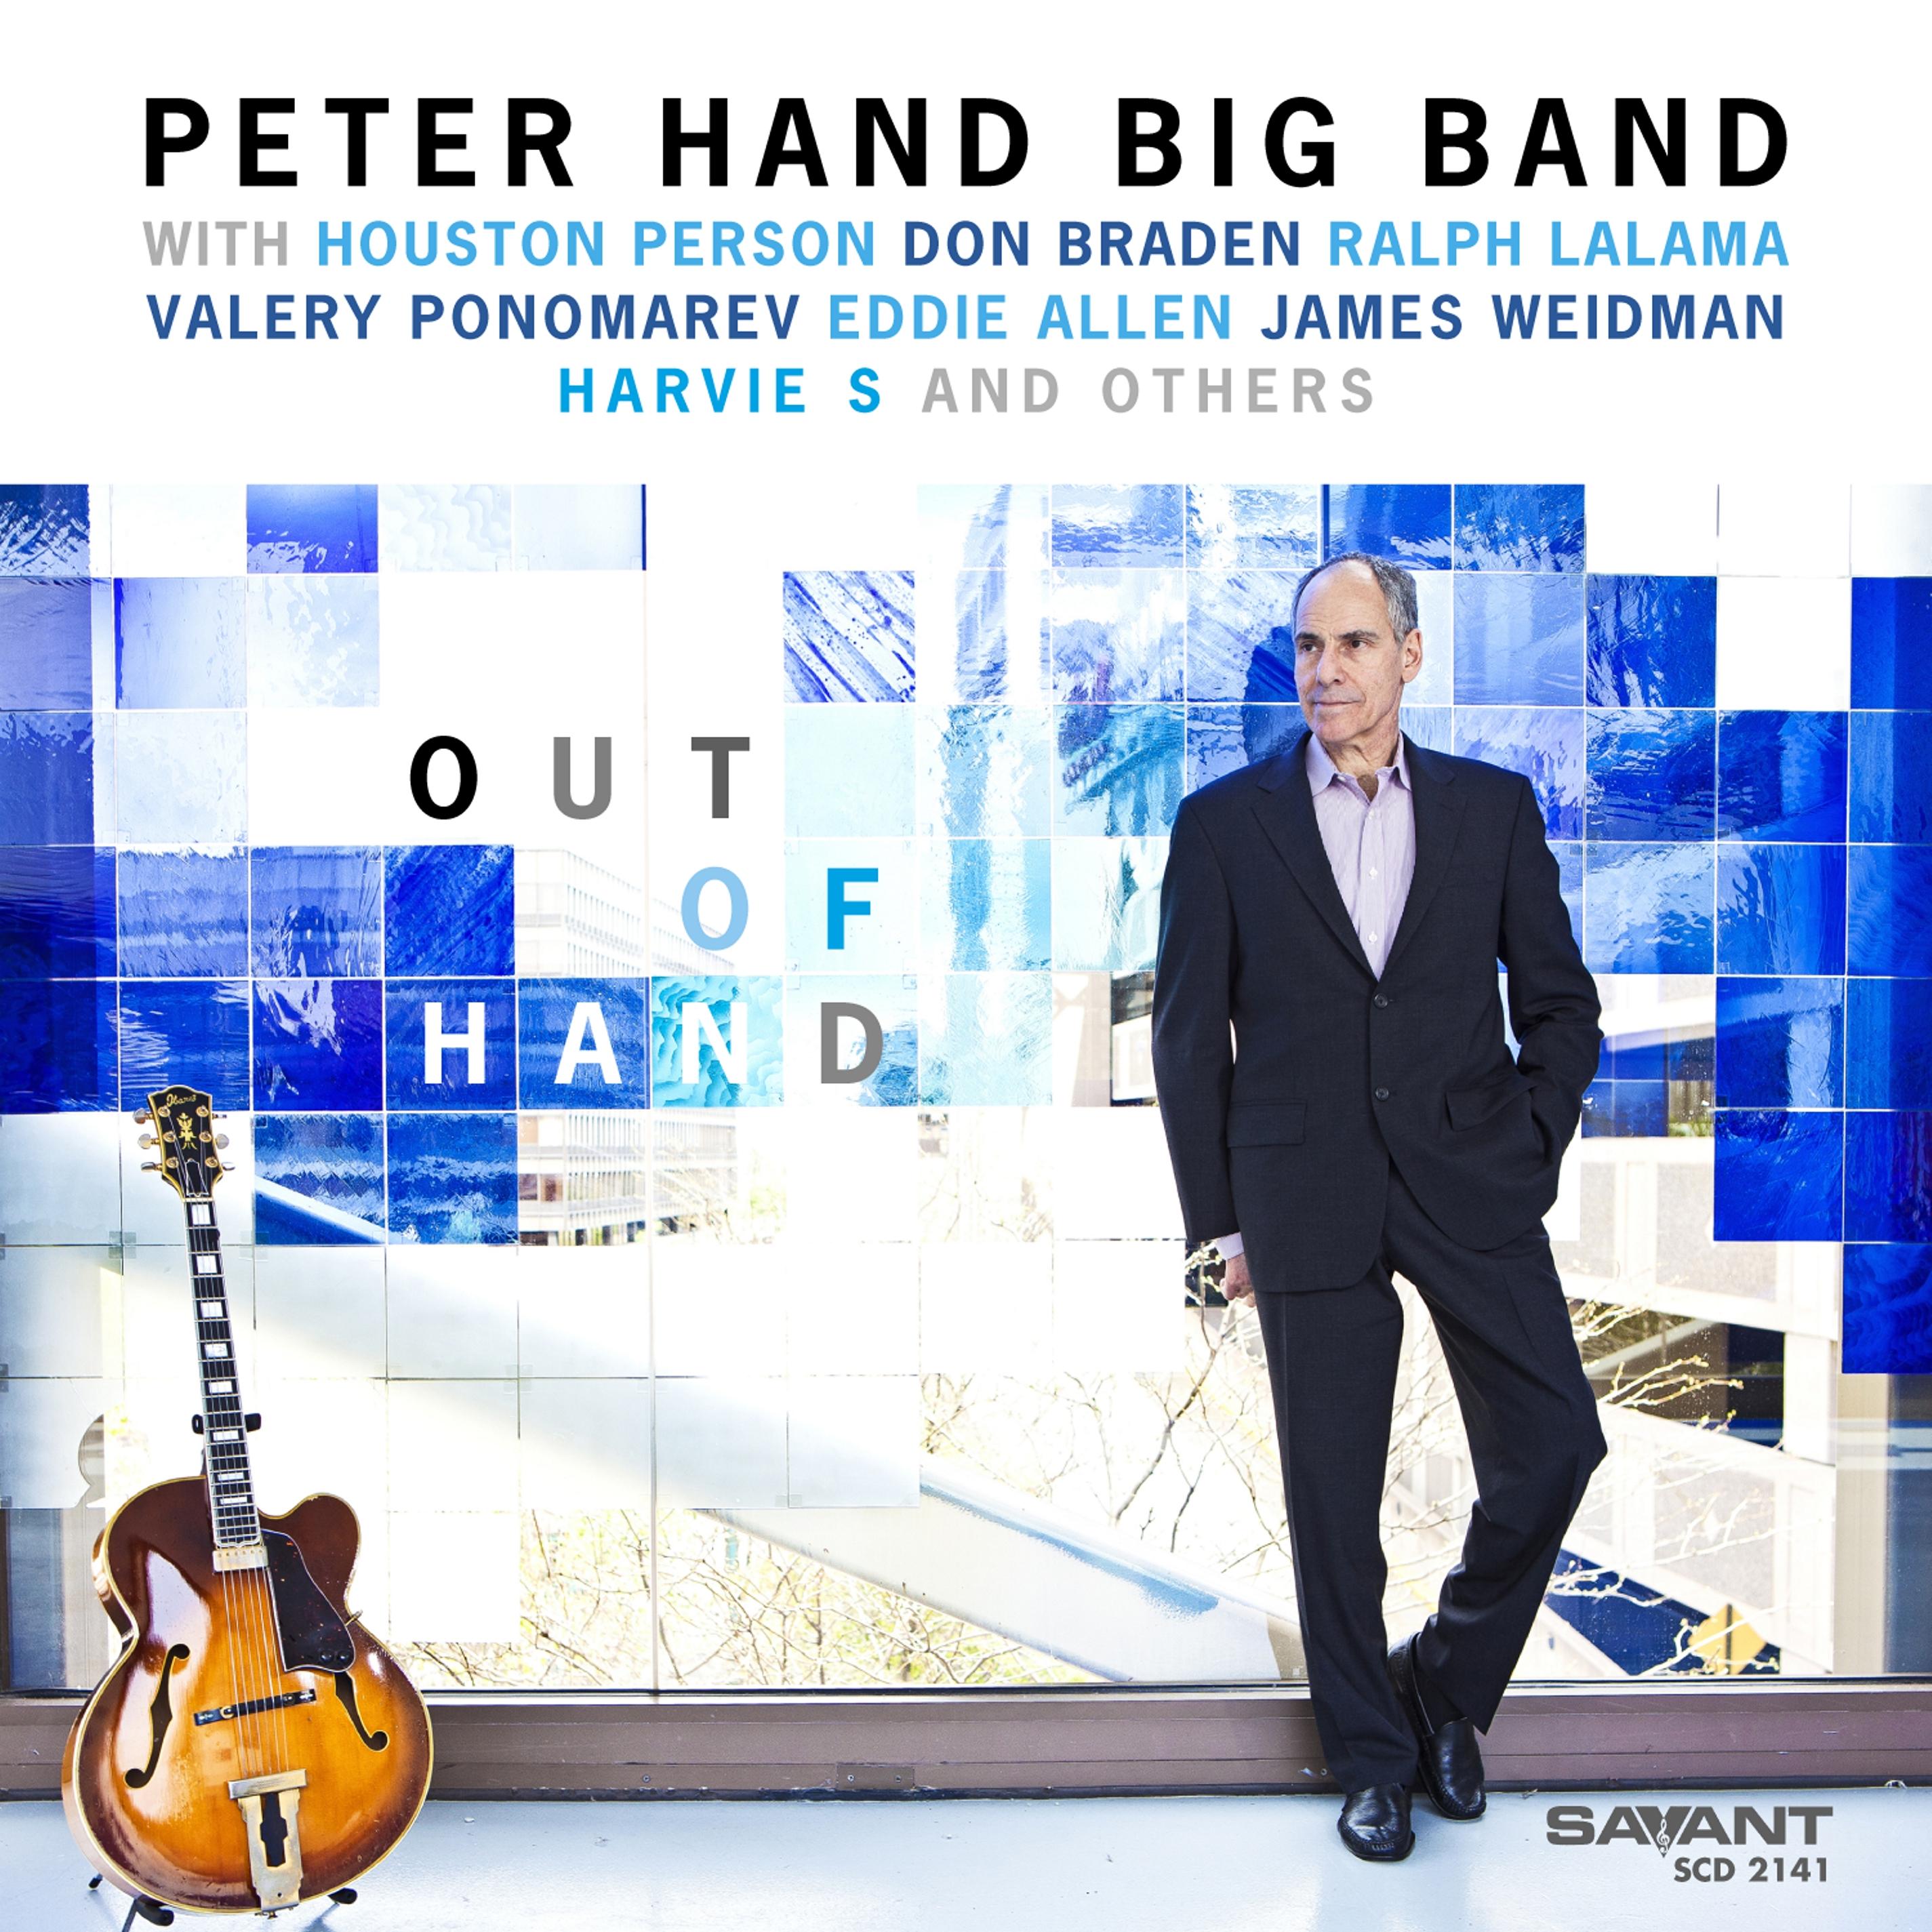 Peter Hand Big Band